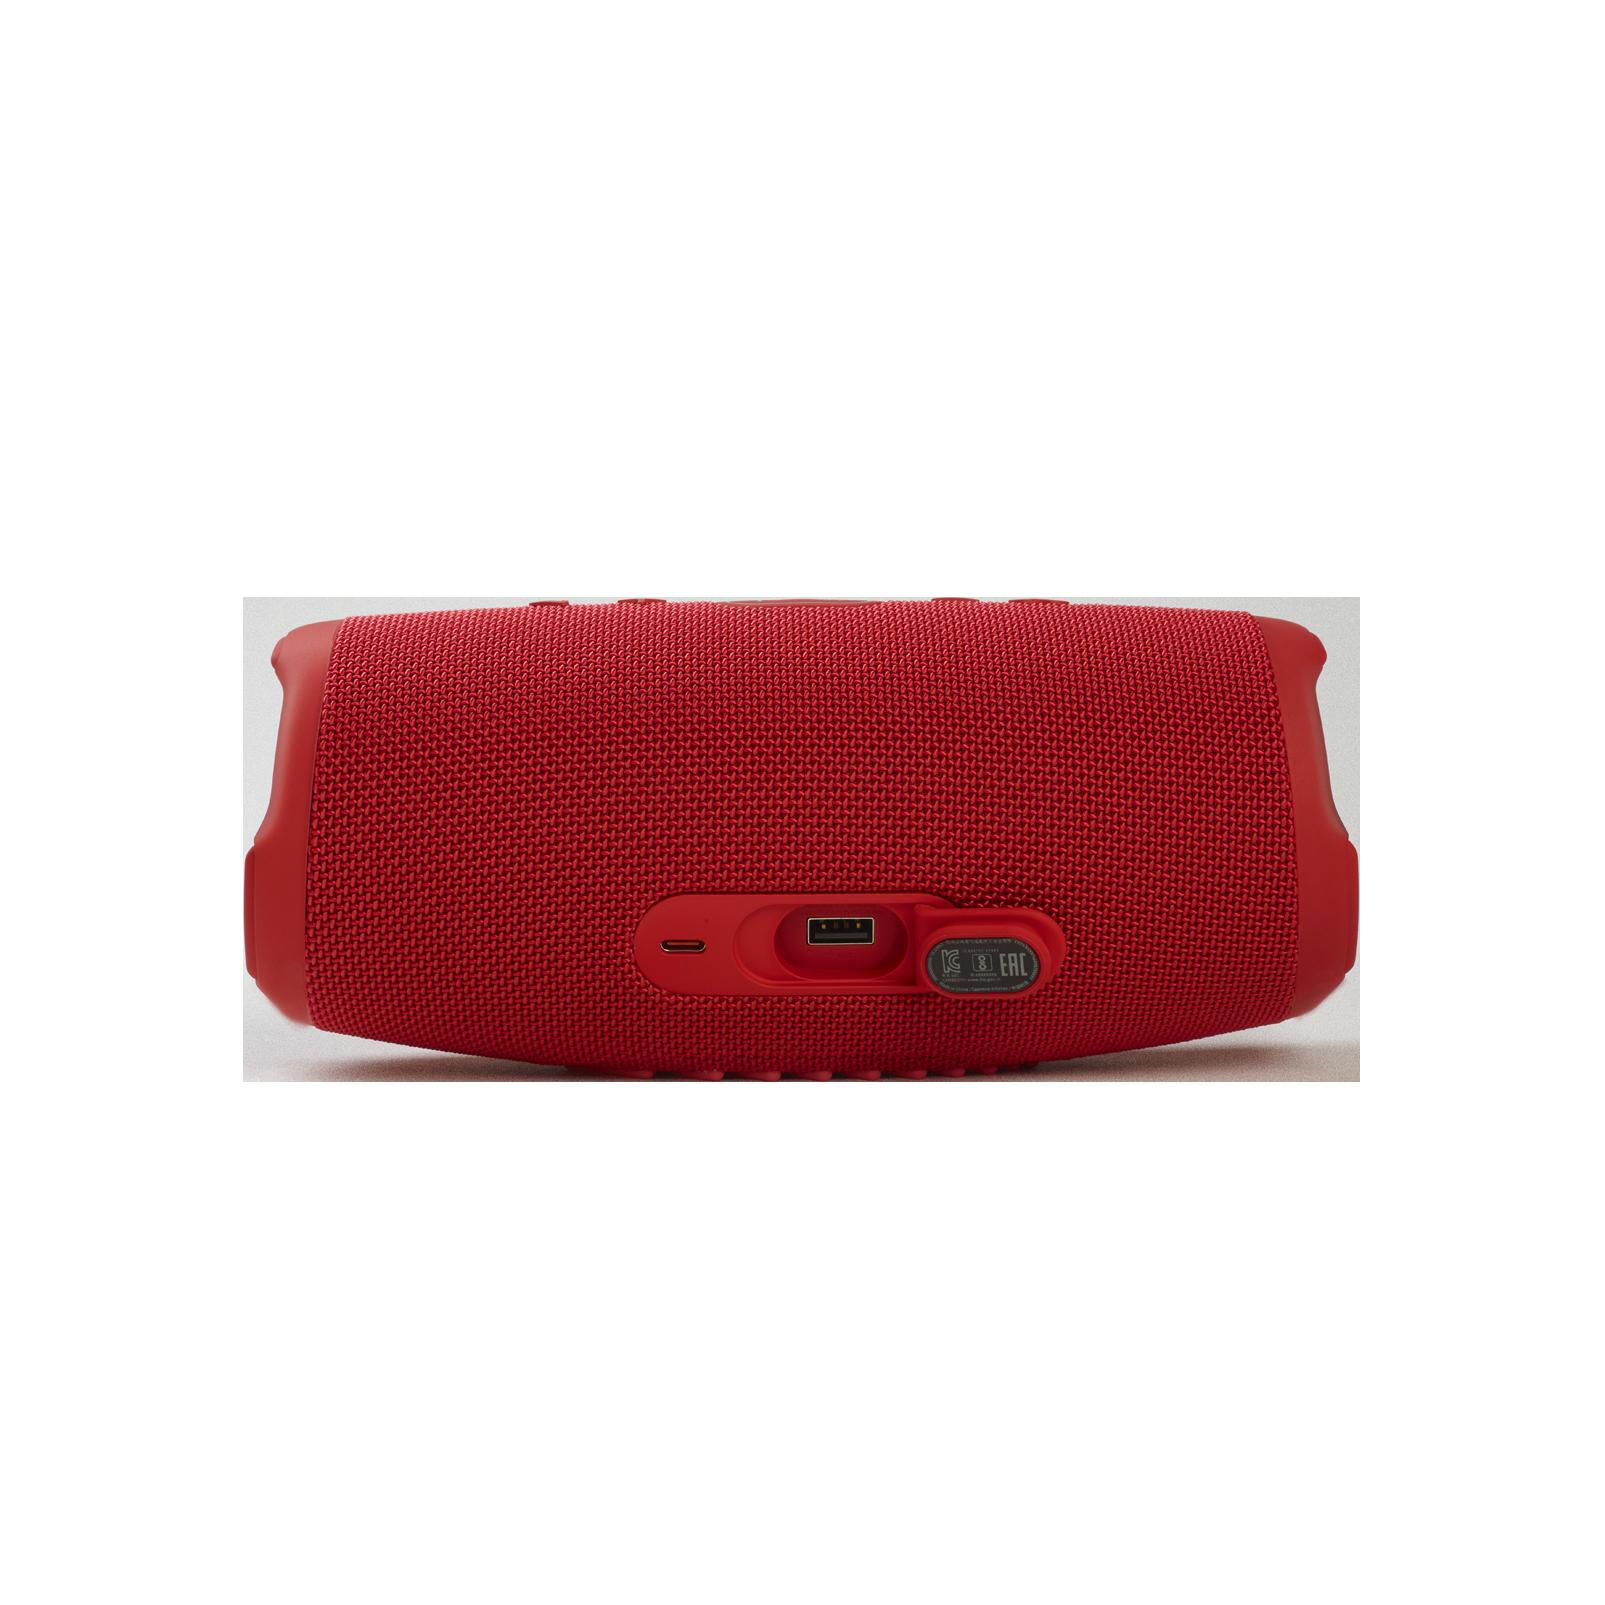 JBL CHARGE 5 - Red - Portable Waterproof Speaker with Powerbank - Detailshot 1